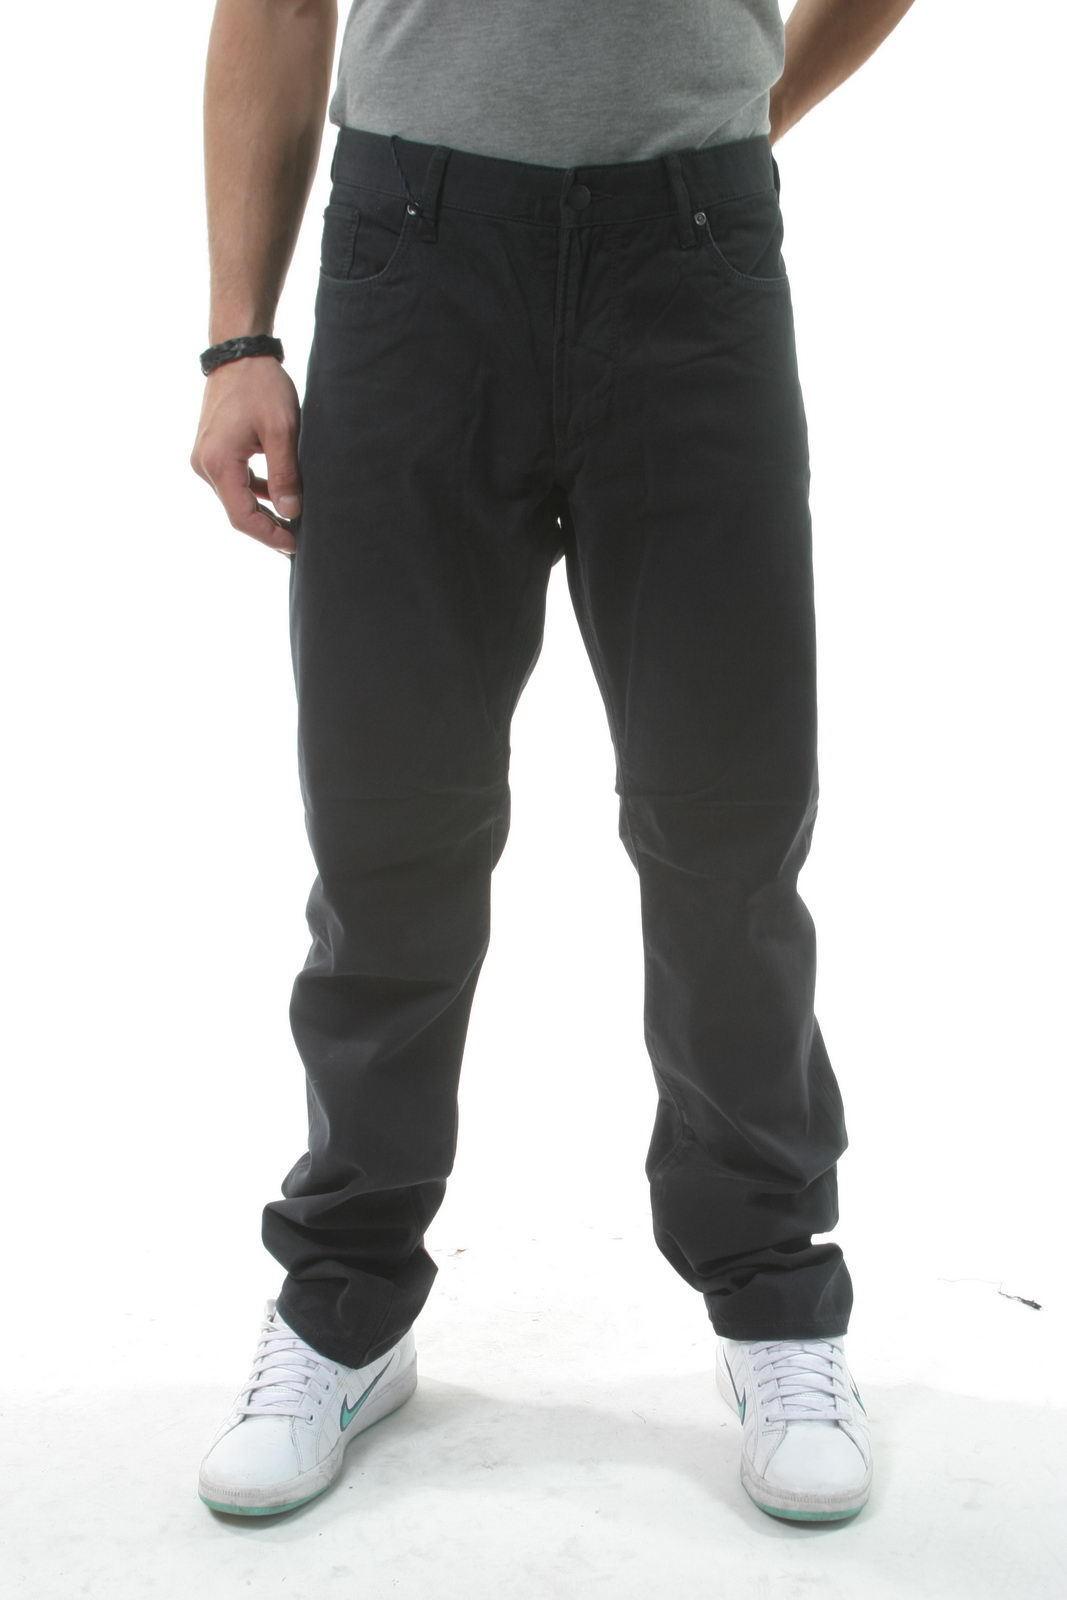 Pantaloni Armani Jeans AJ Jeans Trouser Cotone men blue V6J93JY 95